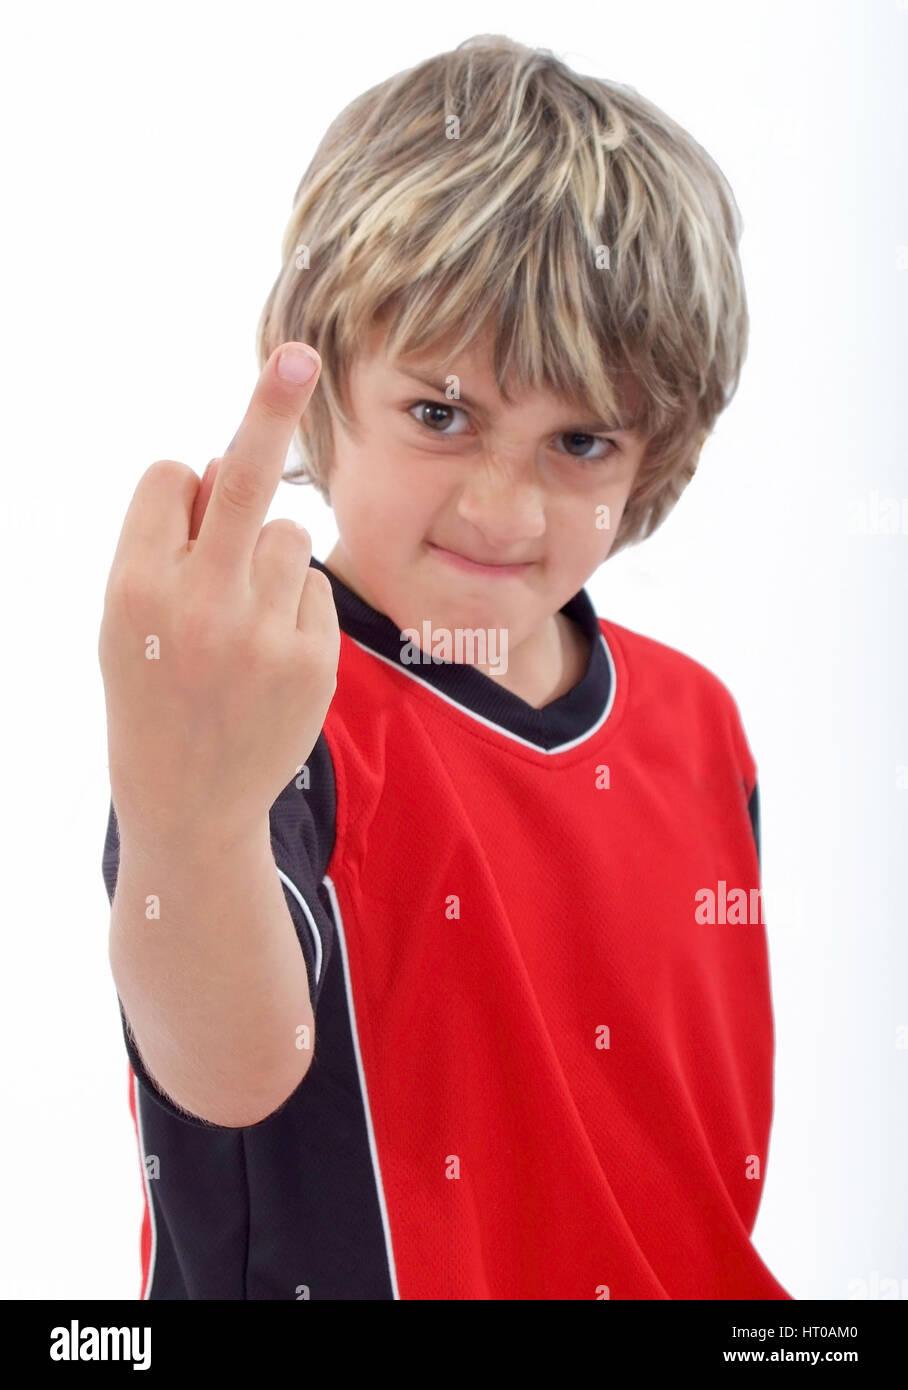 Junge zeigt den Stinkefinger - boy gives the finger Stock Photo